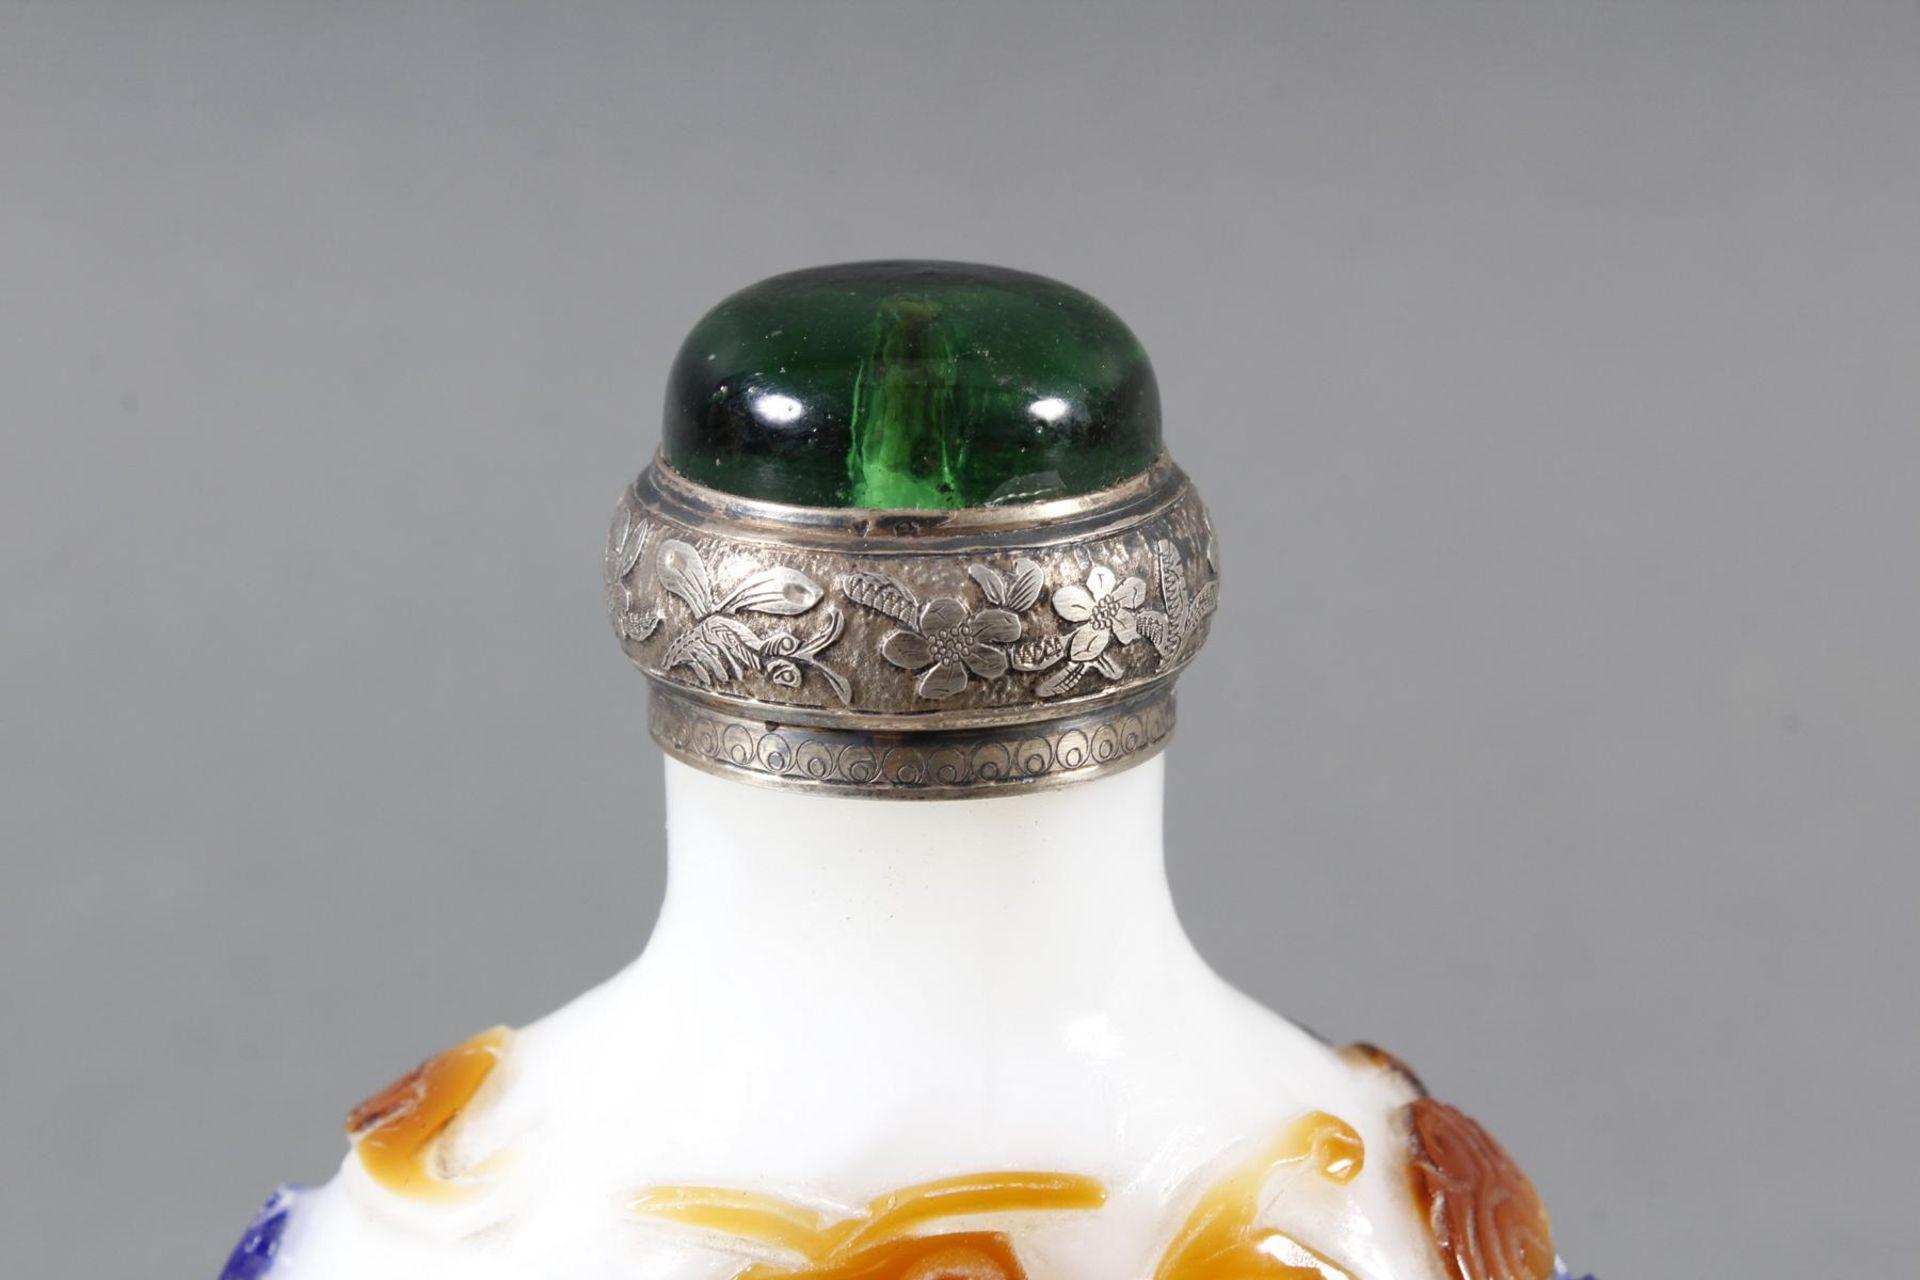 Snuff bottle, Überfangglas mit Silbermontur, China Anfang 20. Jahrhundert - Bild 8 aus 12